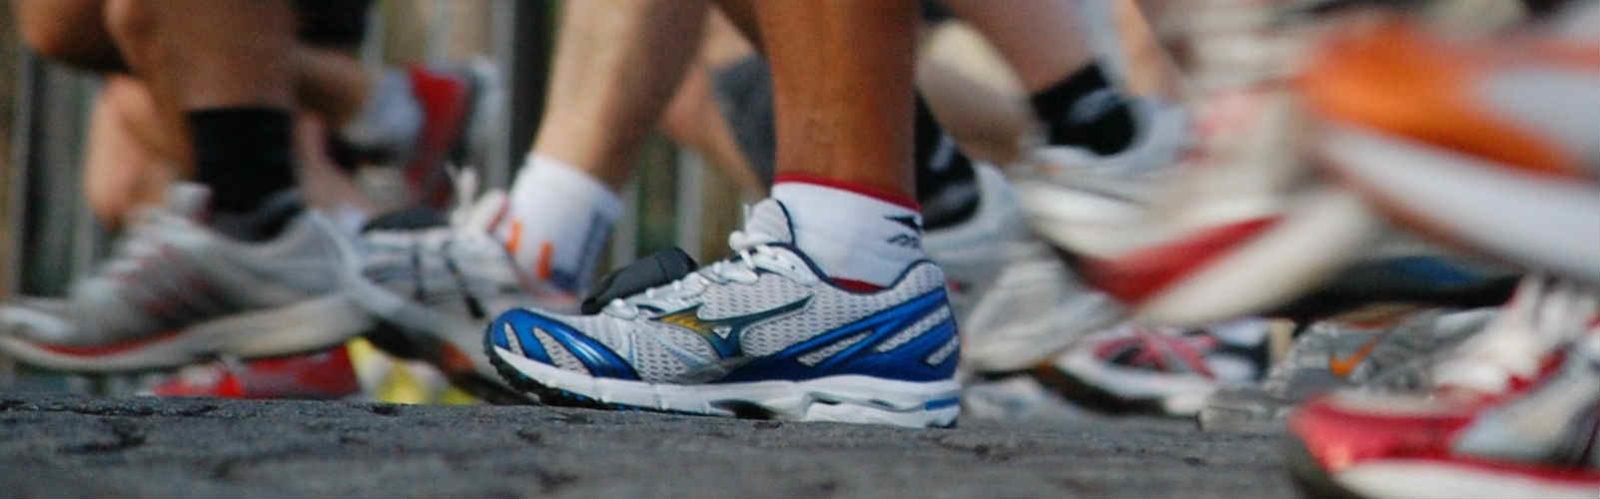 Marathon_shoes large